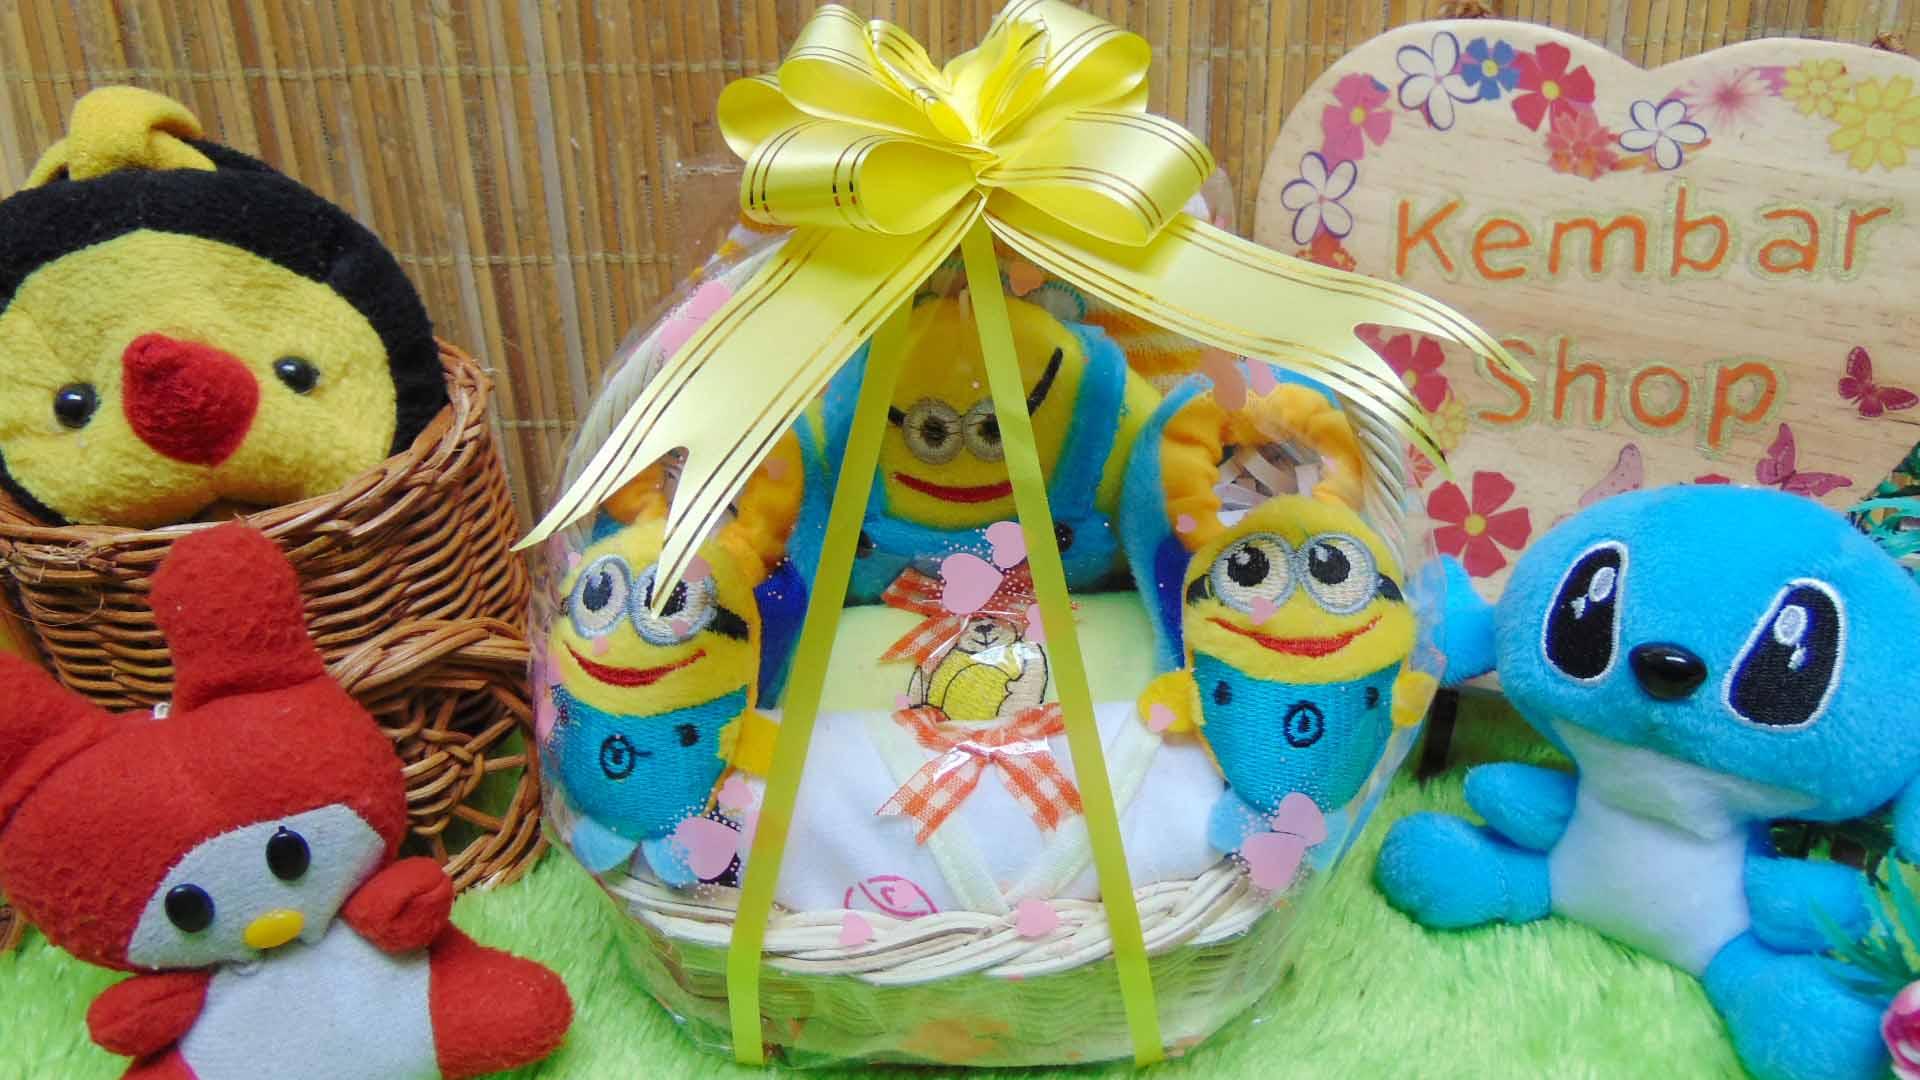 paket kado bayi baby gift kado lahiran parcel bayi parsel kado bayi keranjang tangkai MINI minnions